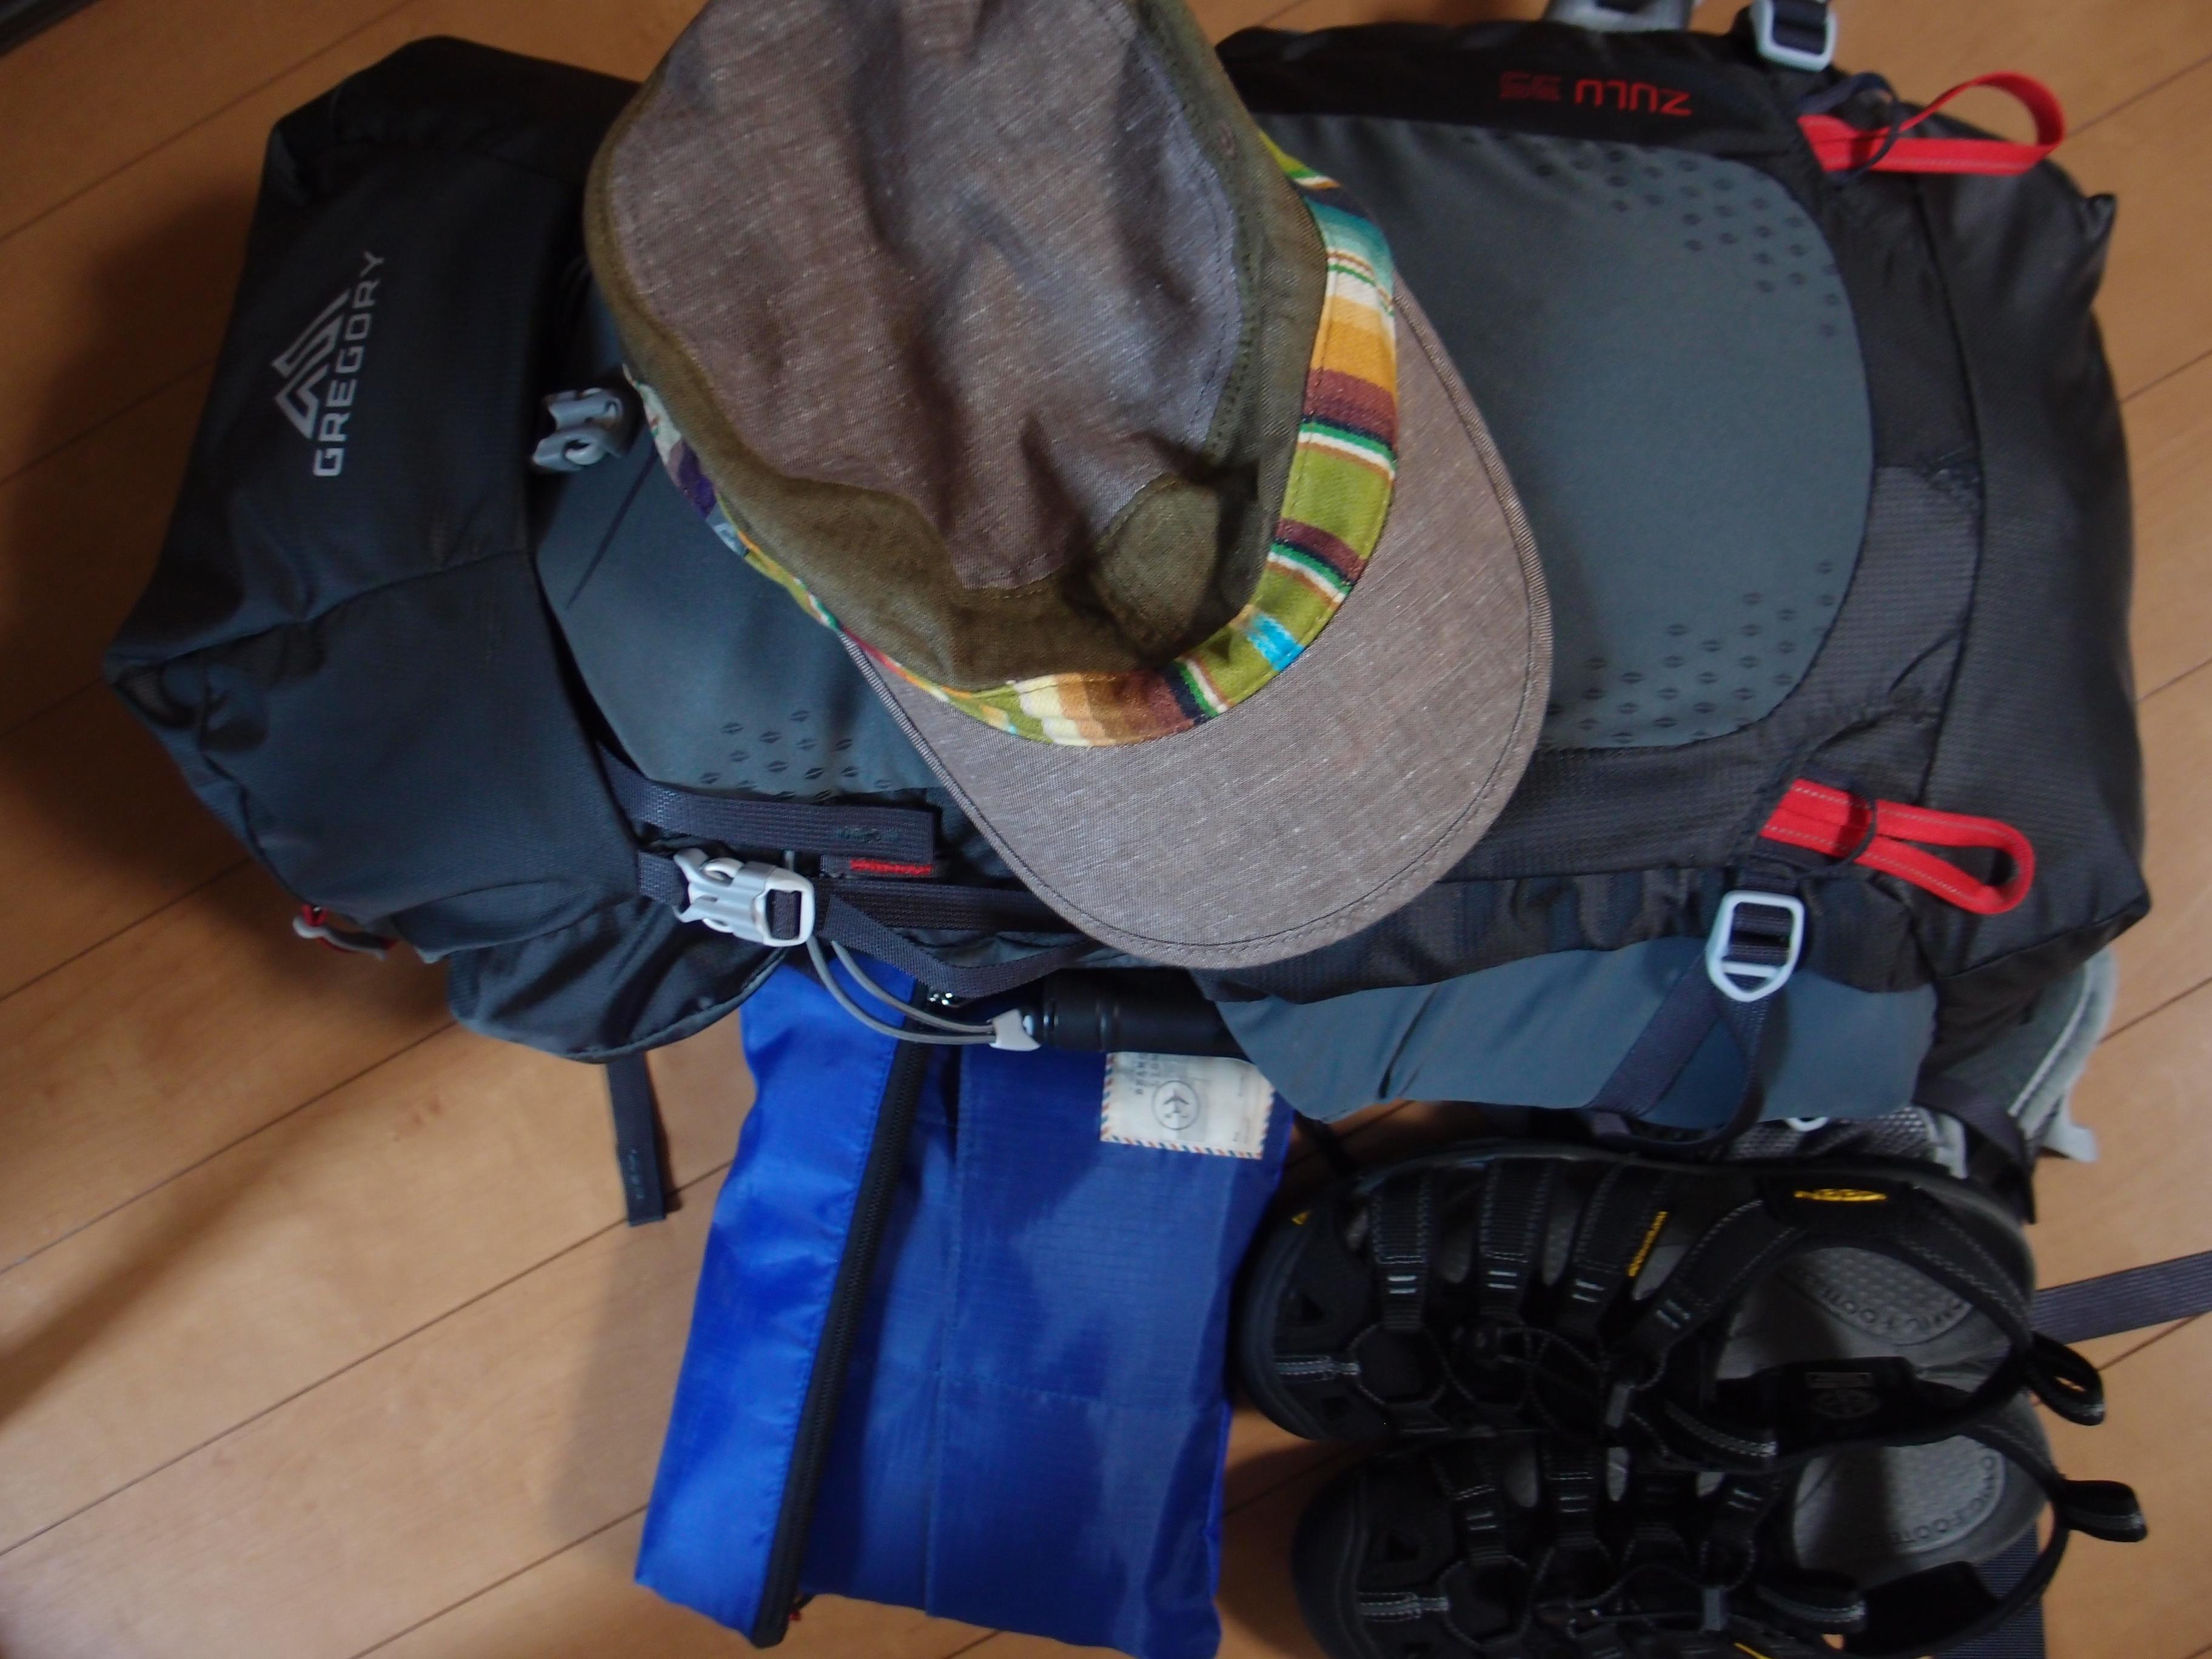 P8121779 - 【2020年】バックパッカー・一人旅初心者へ!バックパックの中身はこんな感じ。バックパックは35Lぐらいがちょうどいい。